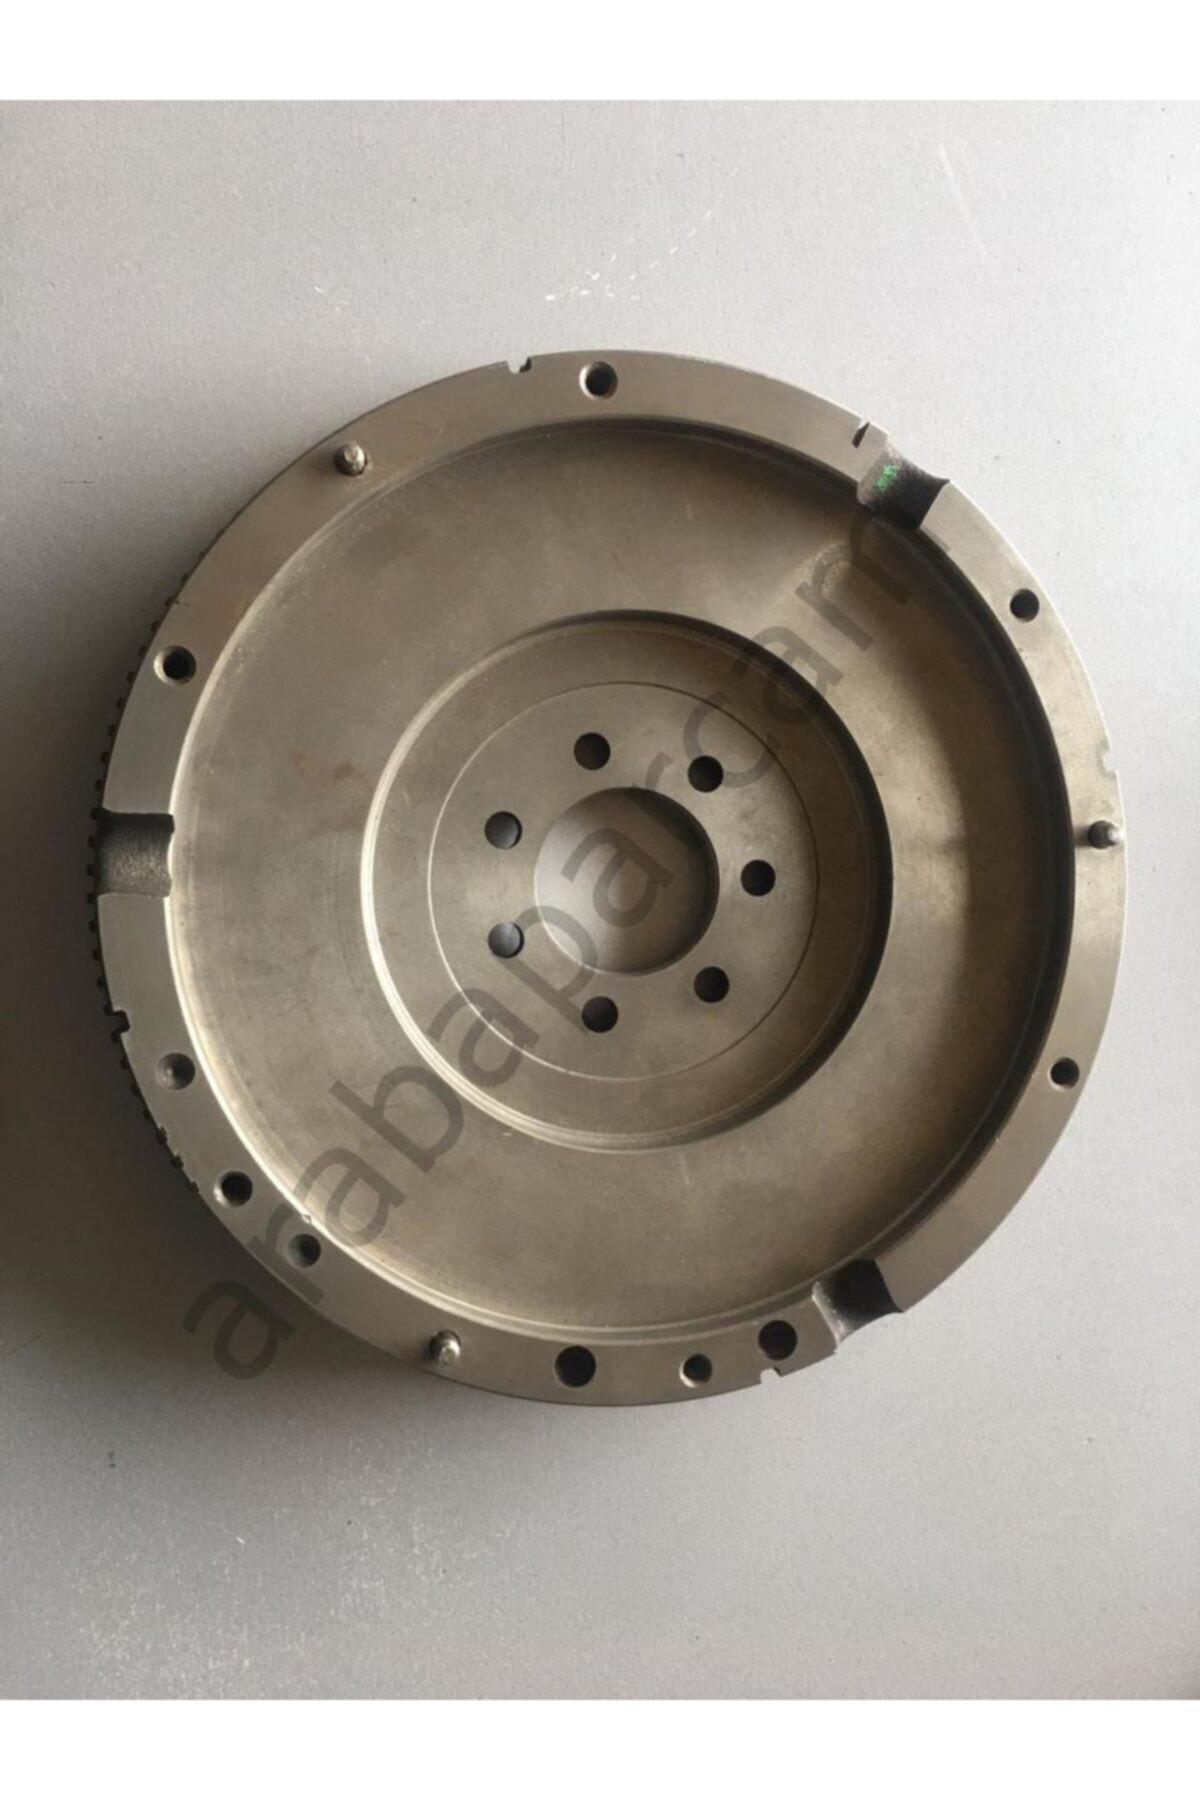 MAİS Renault Kango 1.9 Volan F8q 8200441363 2